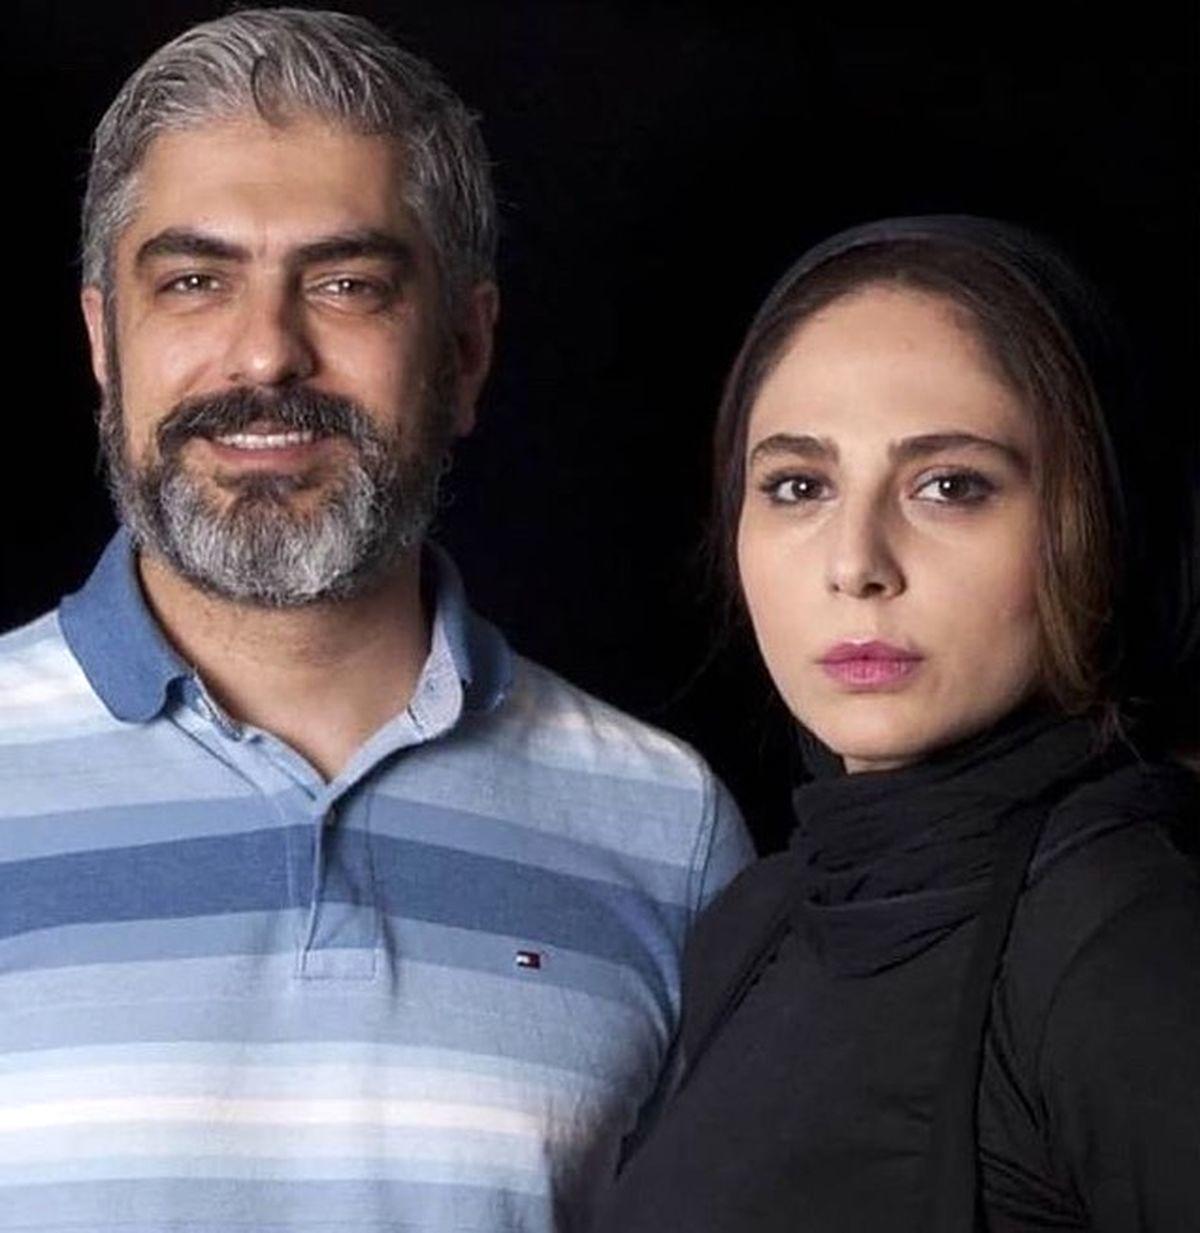 عکس دیده نشده از همسر دوم مهدی پاکدل در کنار پدرش + عکس